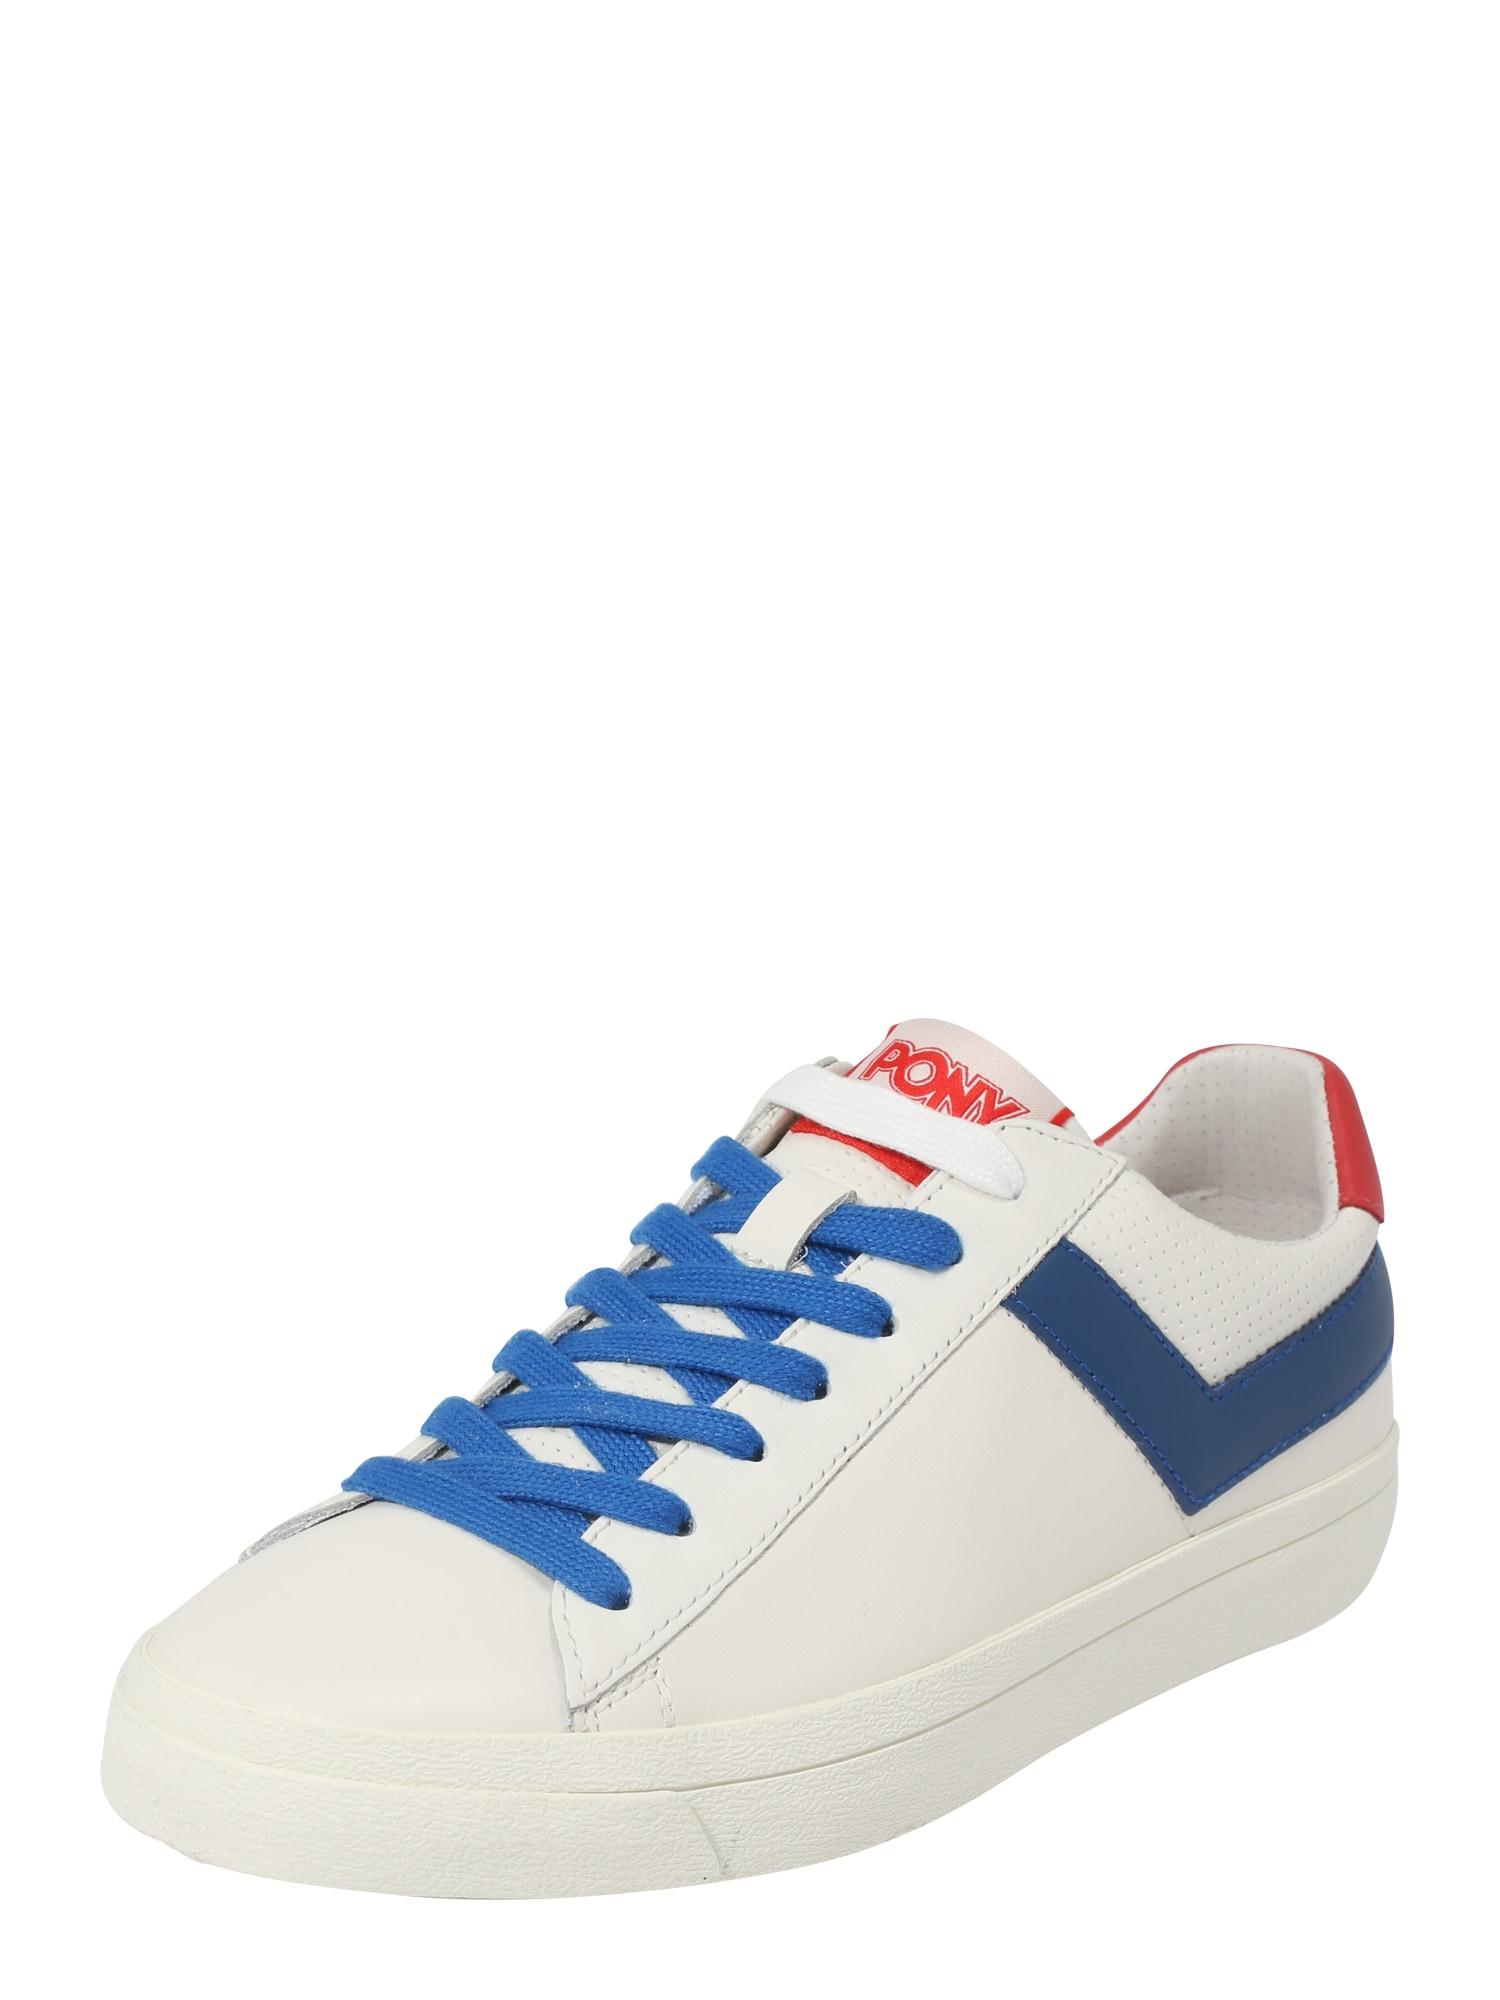 Tenisky TOPSTAR modrá červená bílá PONY